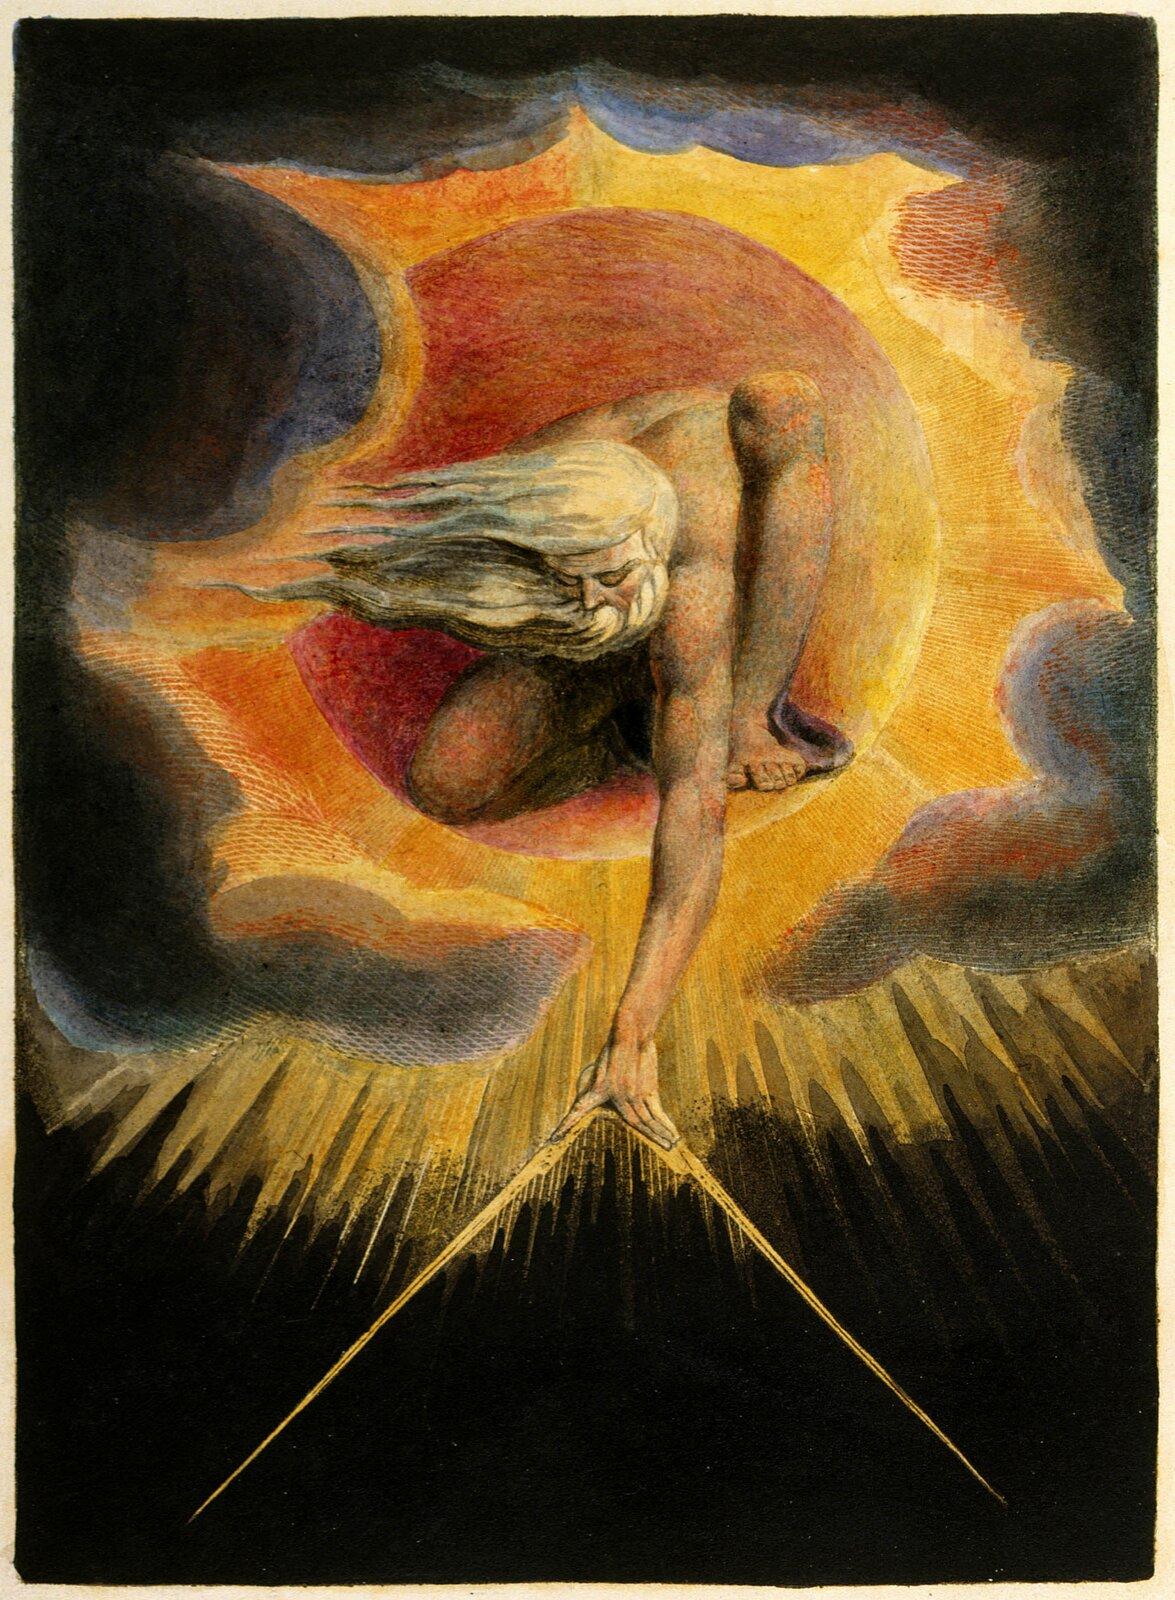 Stworzenie świata Źródło: William Blake, Stworzenie świata, 1794, British Museum, Londyn, domena publiczna.